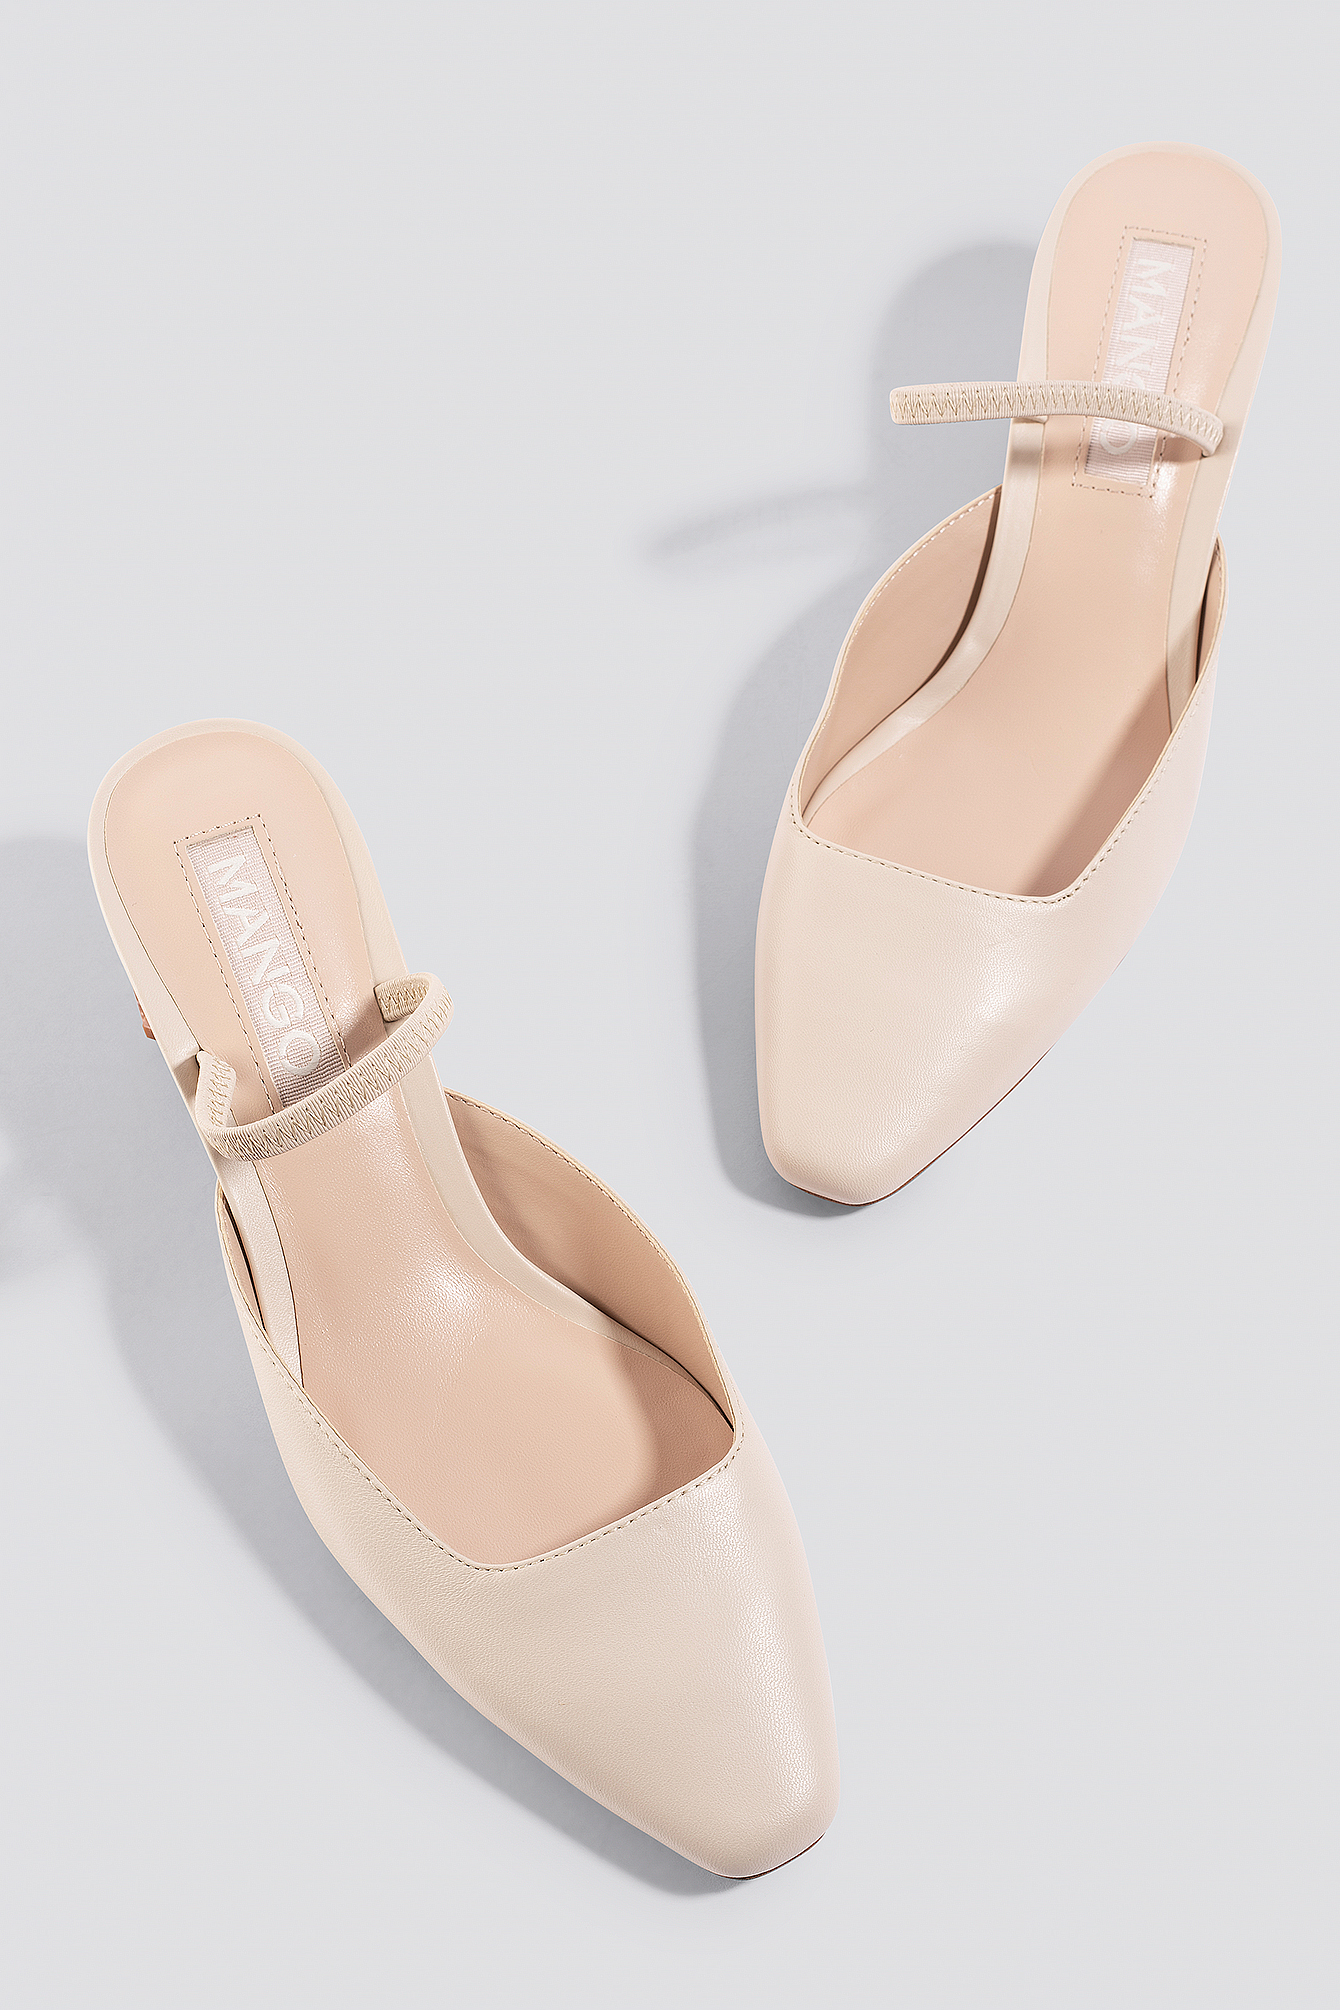 Chloe Shoes NA-KD.COM